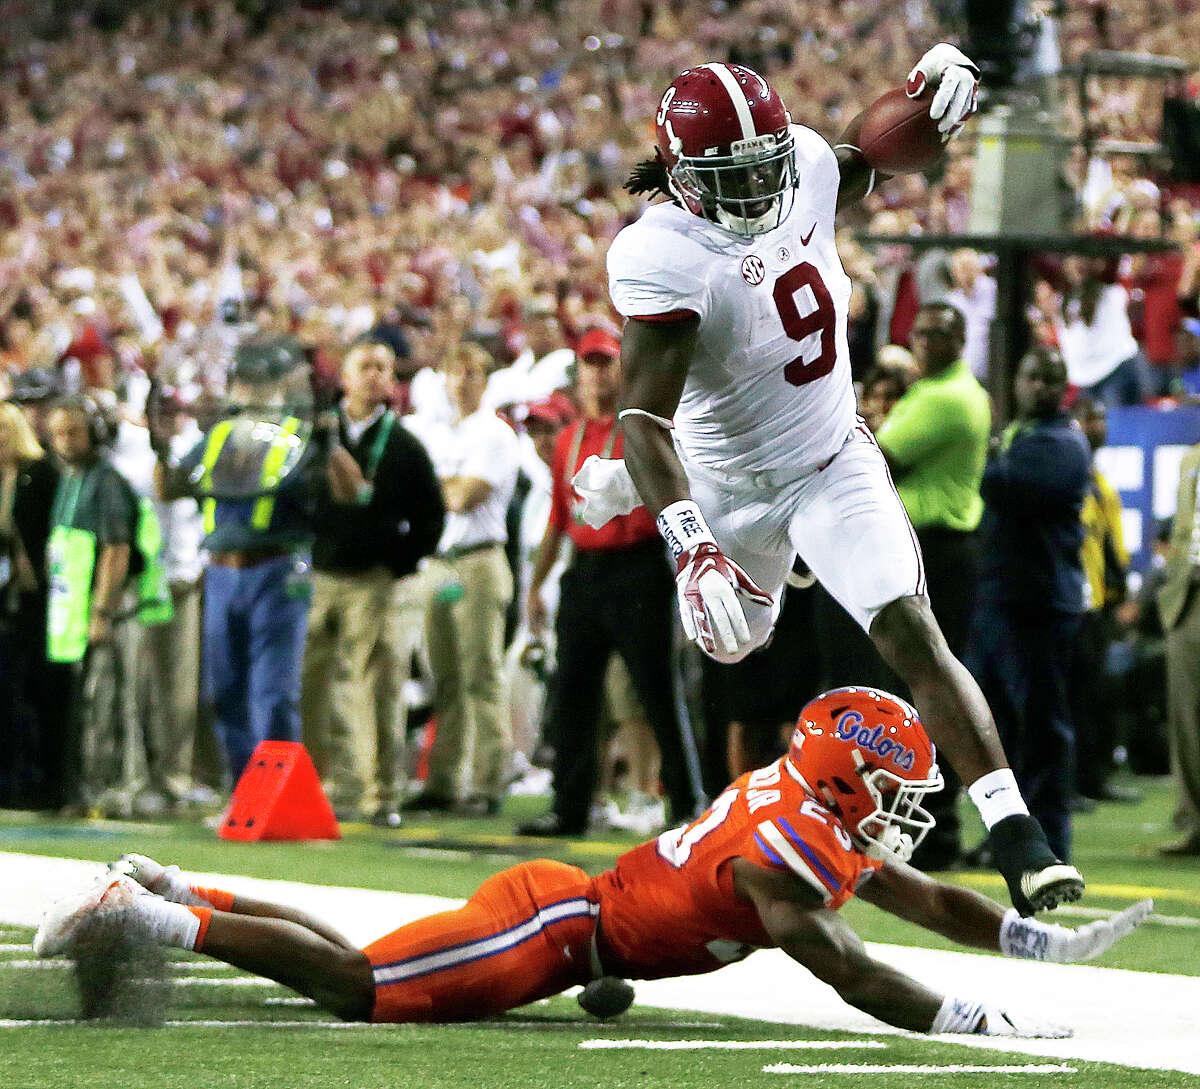 College football playoff No. 1 Alabama (13-0) vs. No. 4 Washington (12-1) 2 p.m. Dec. 31 (ESPN) Georgia Dome, Atlanta